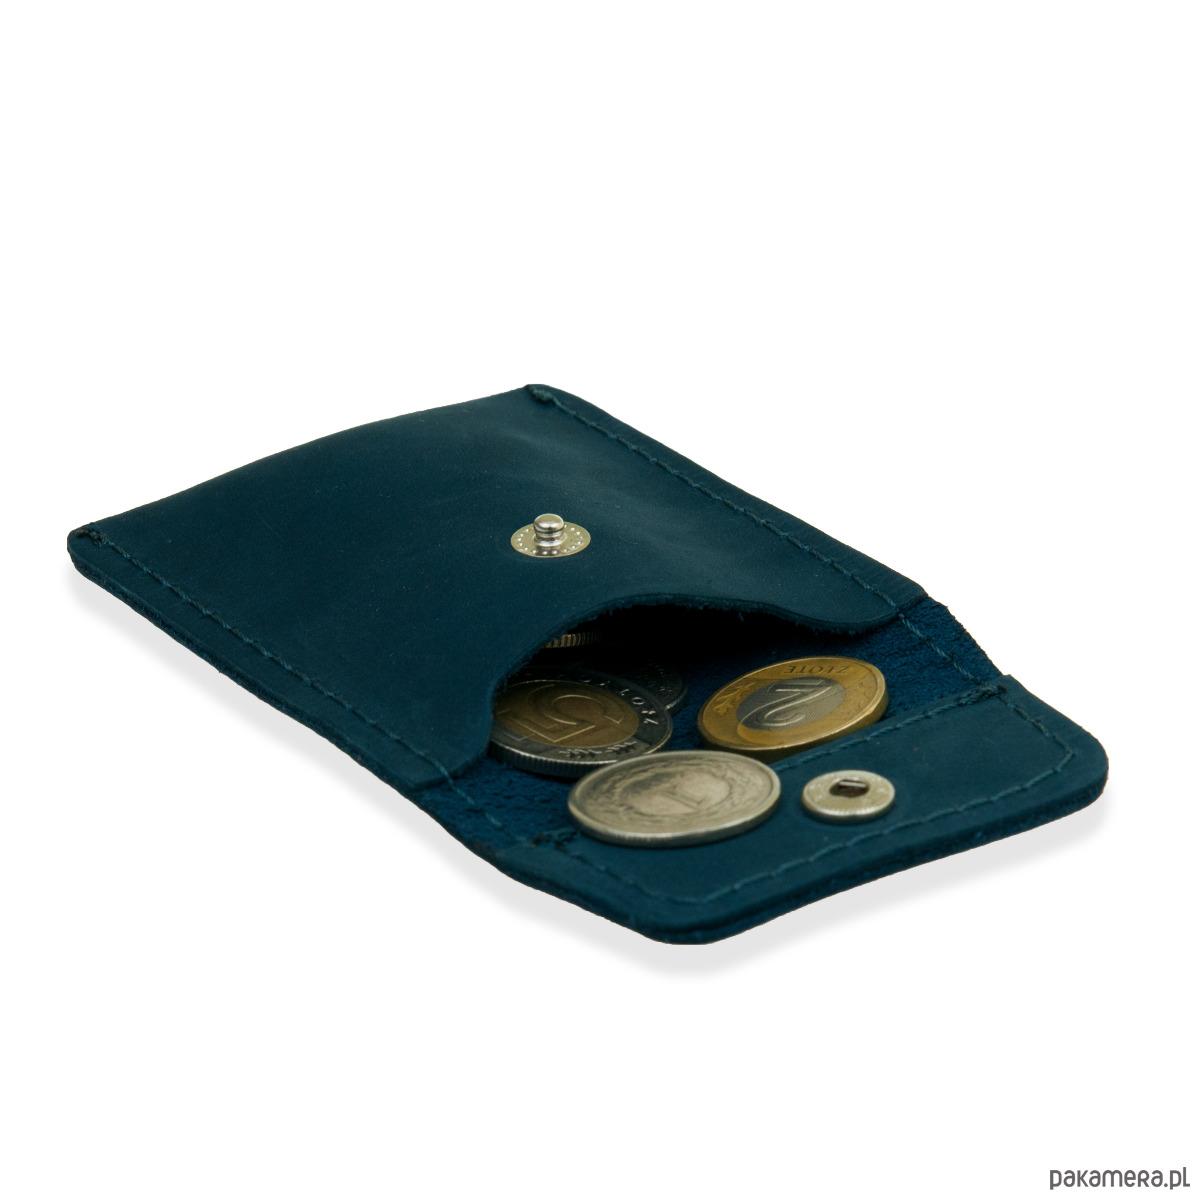 62eef2dedbf3d Skórzany portfel brodrene z bilonówka na monety - akcesoria ...